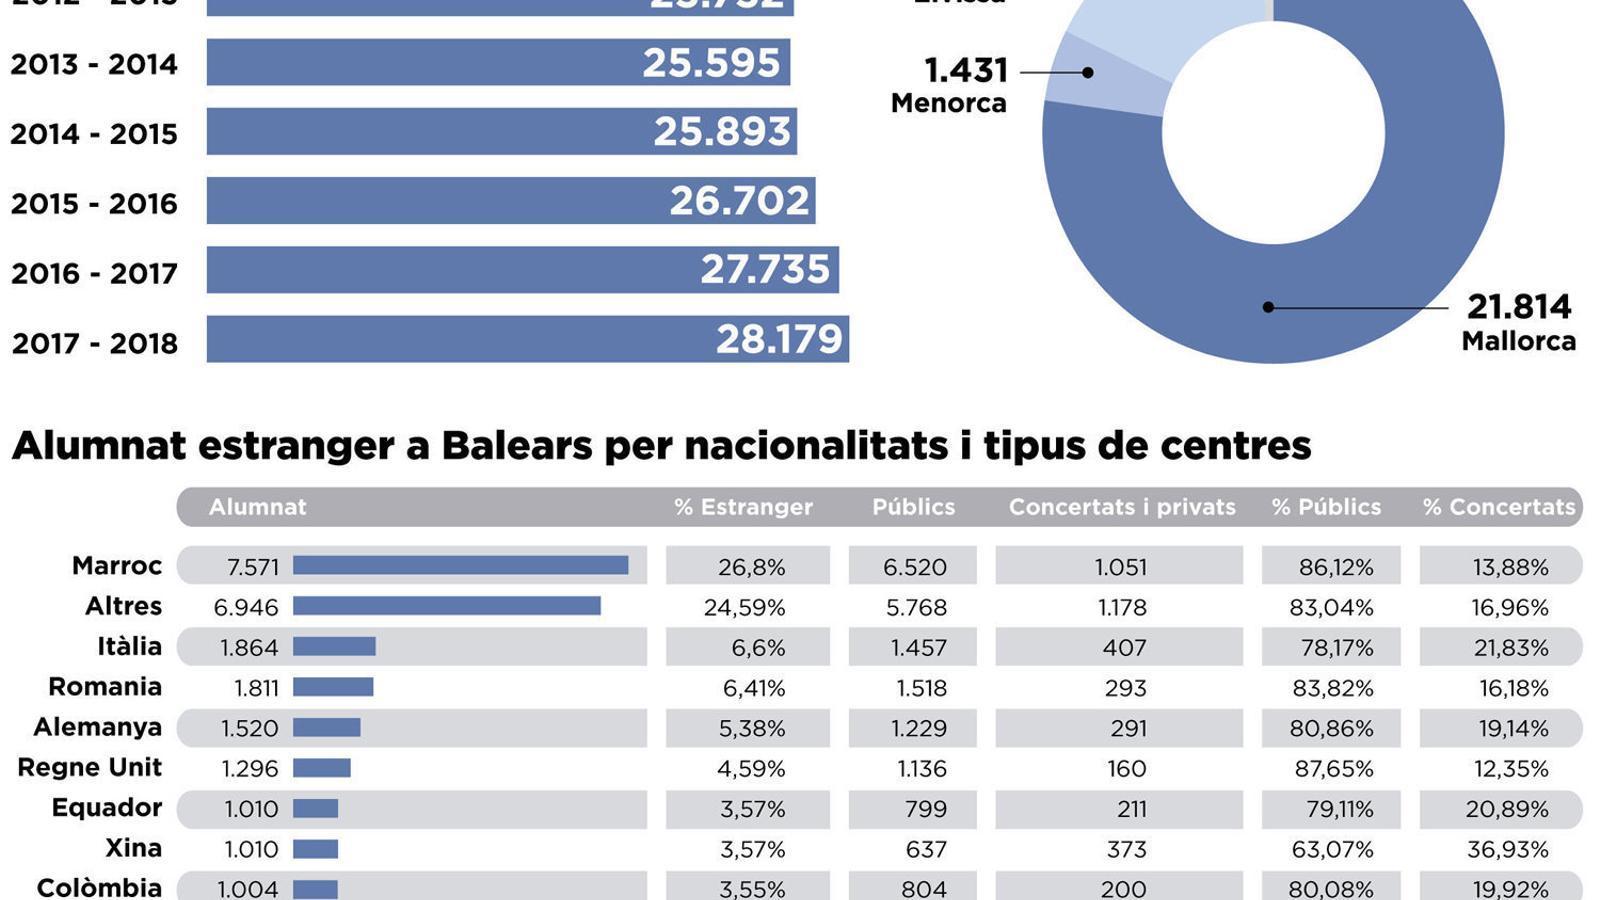 Un 14,7% dels alumnes De les Illes Balears són estrangers